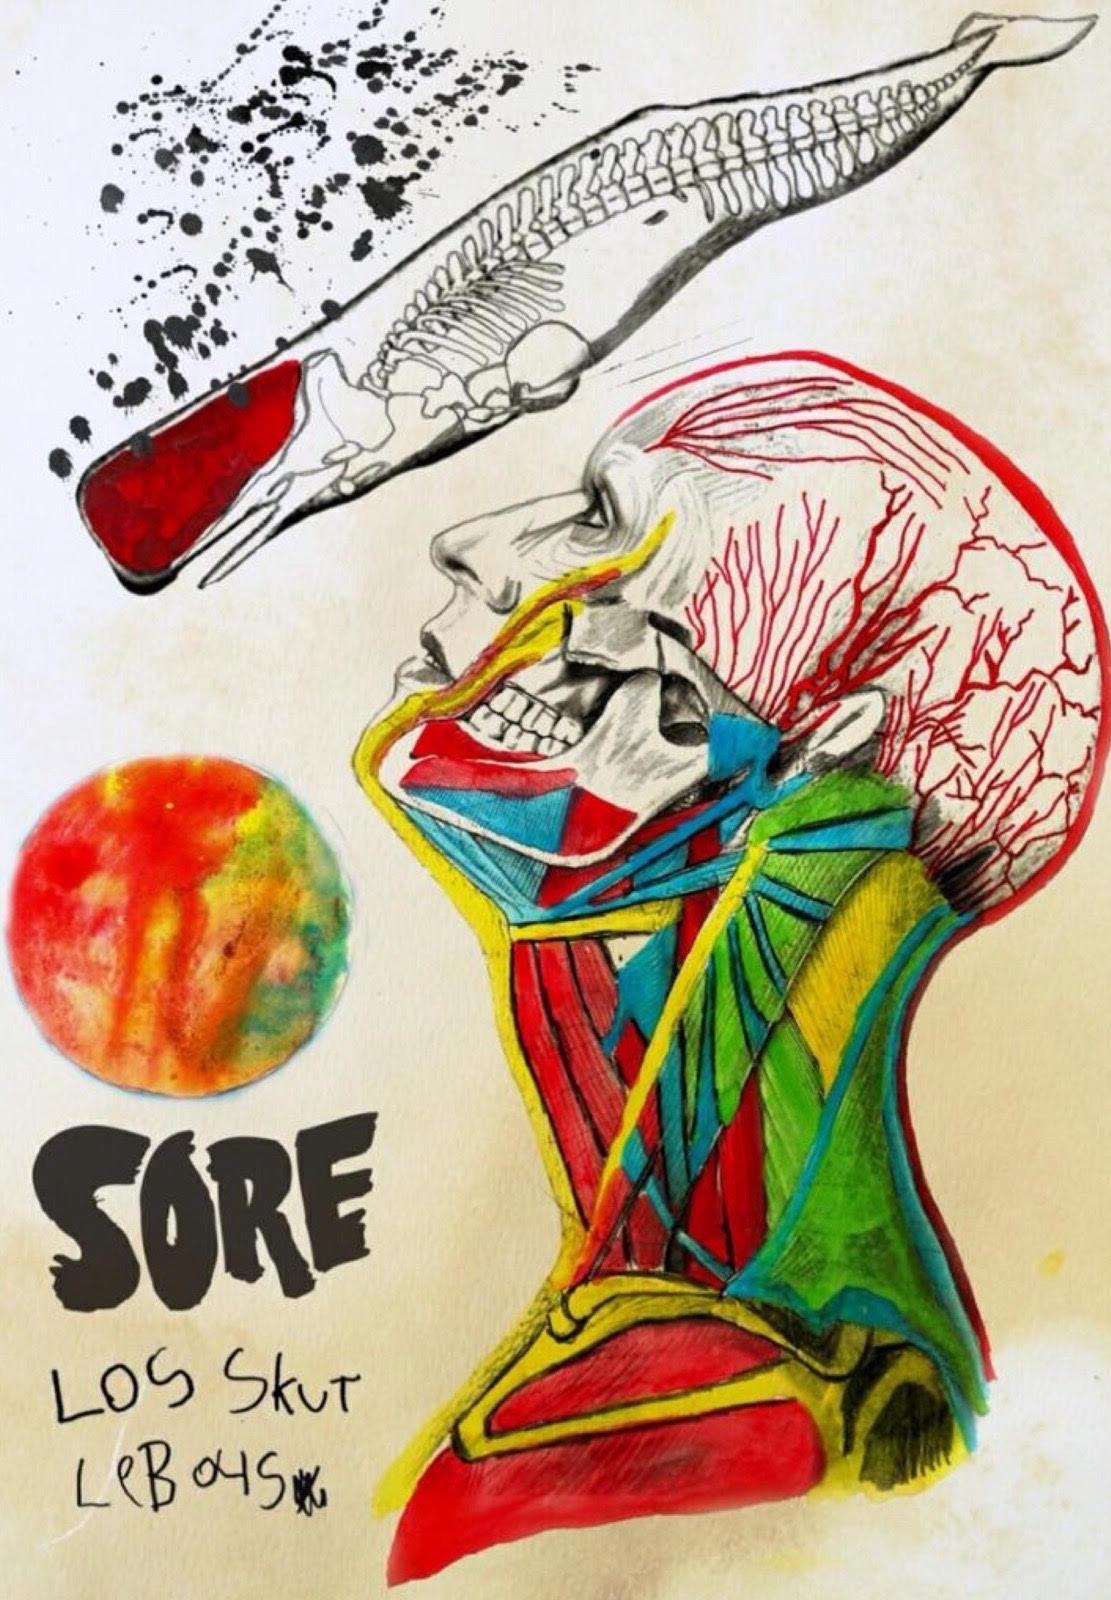 sore_cover